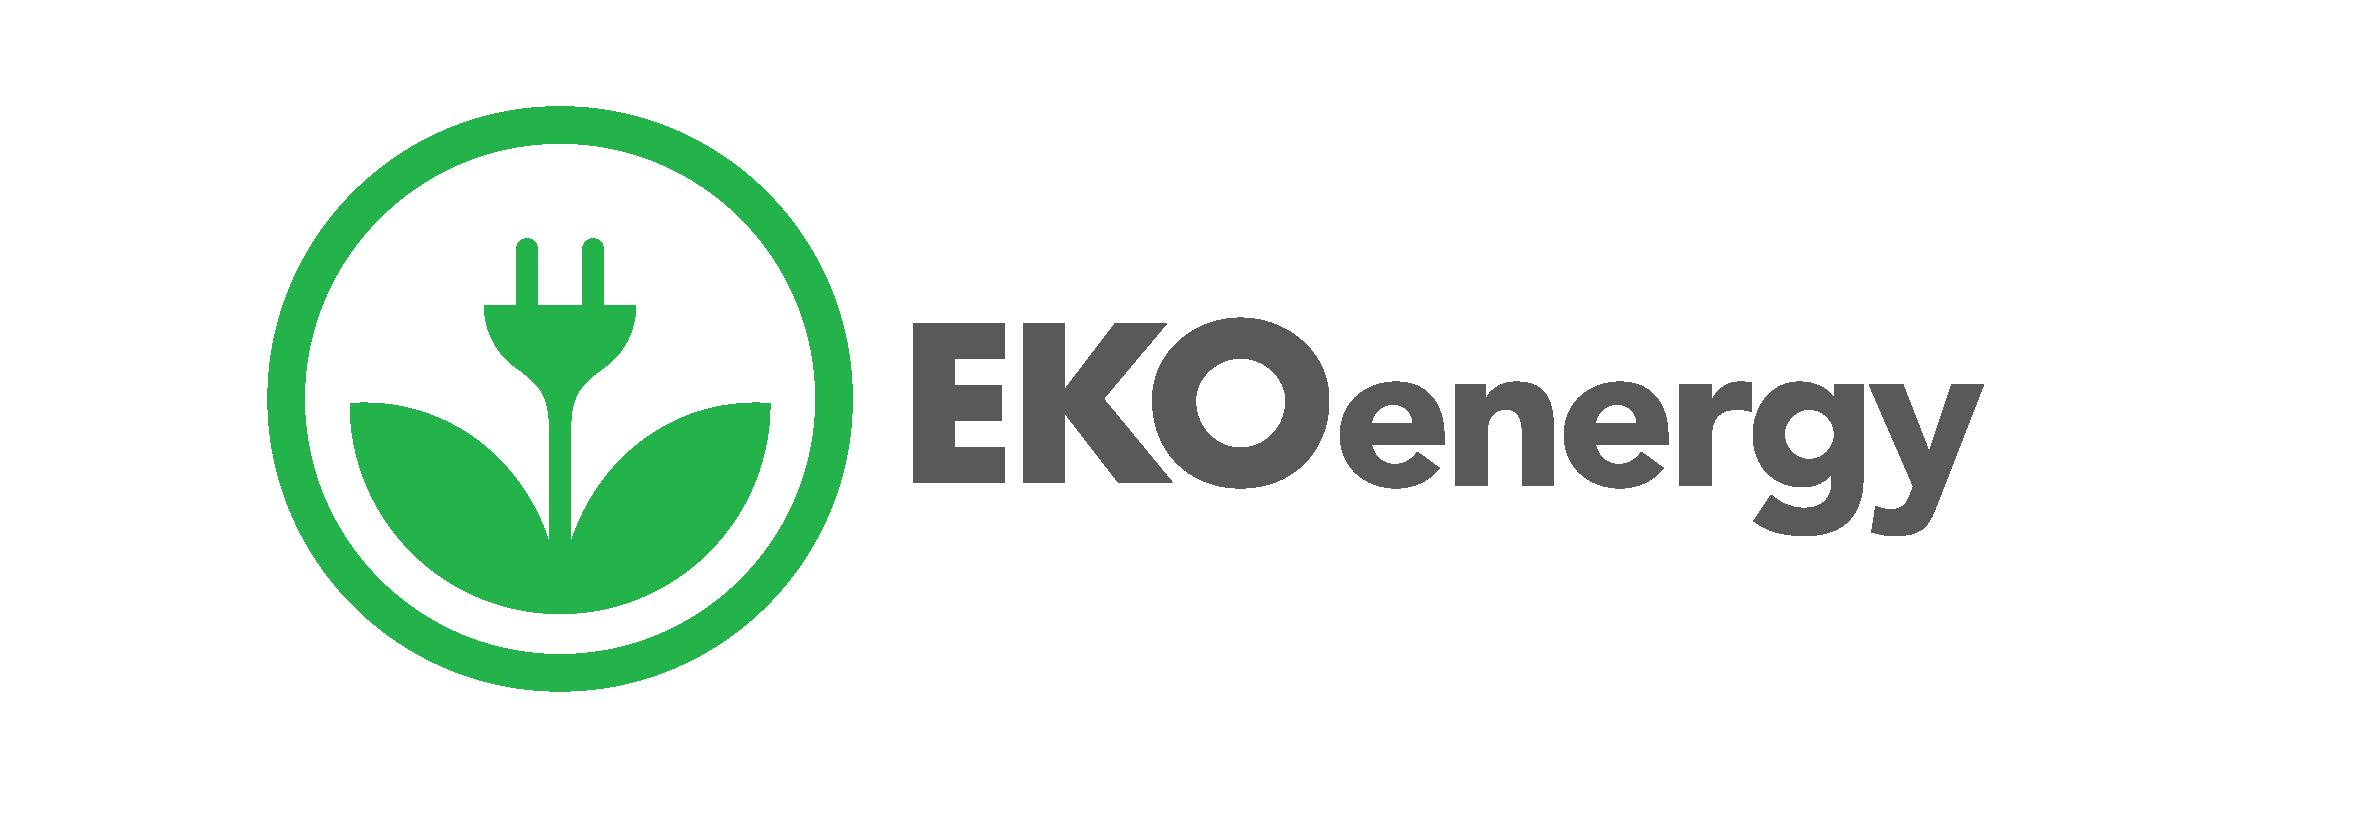 ekoenergy_logo_English.png